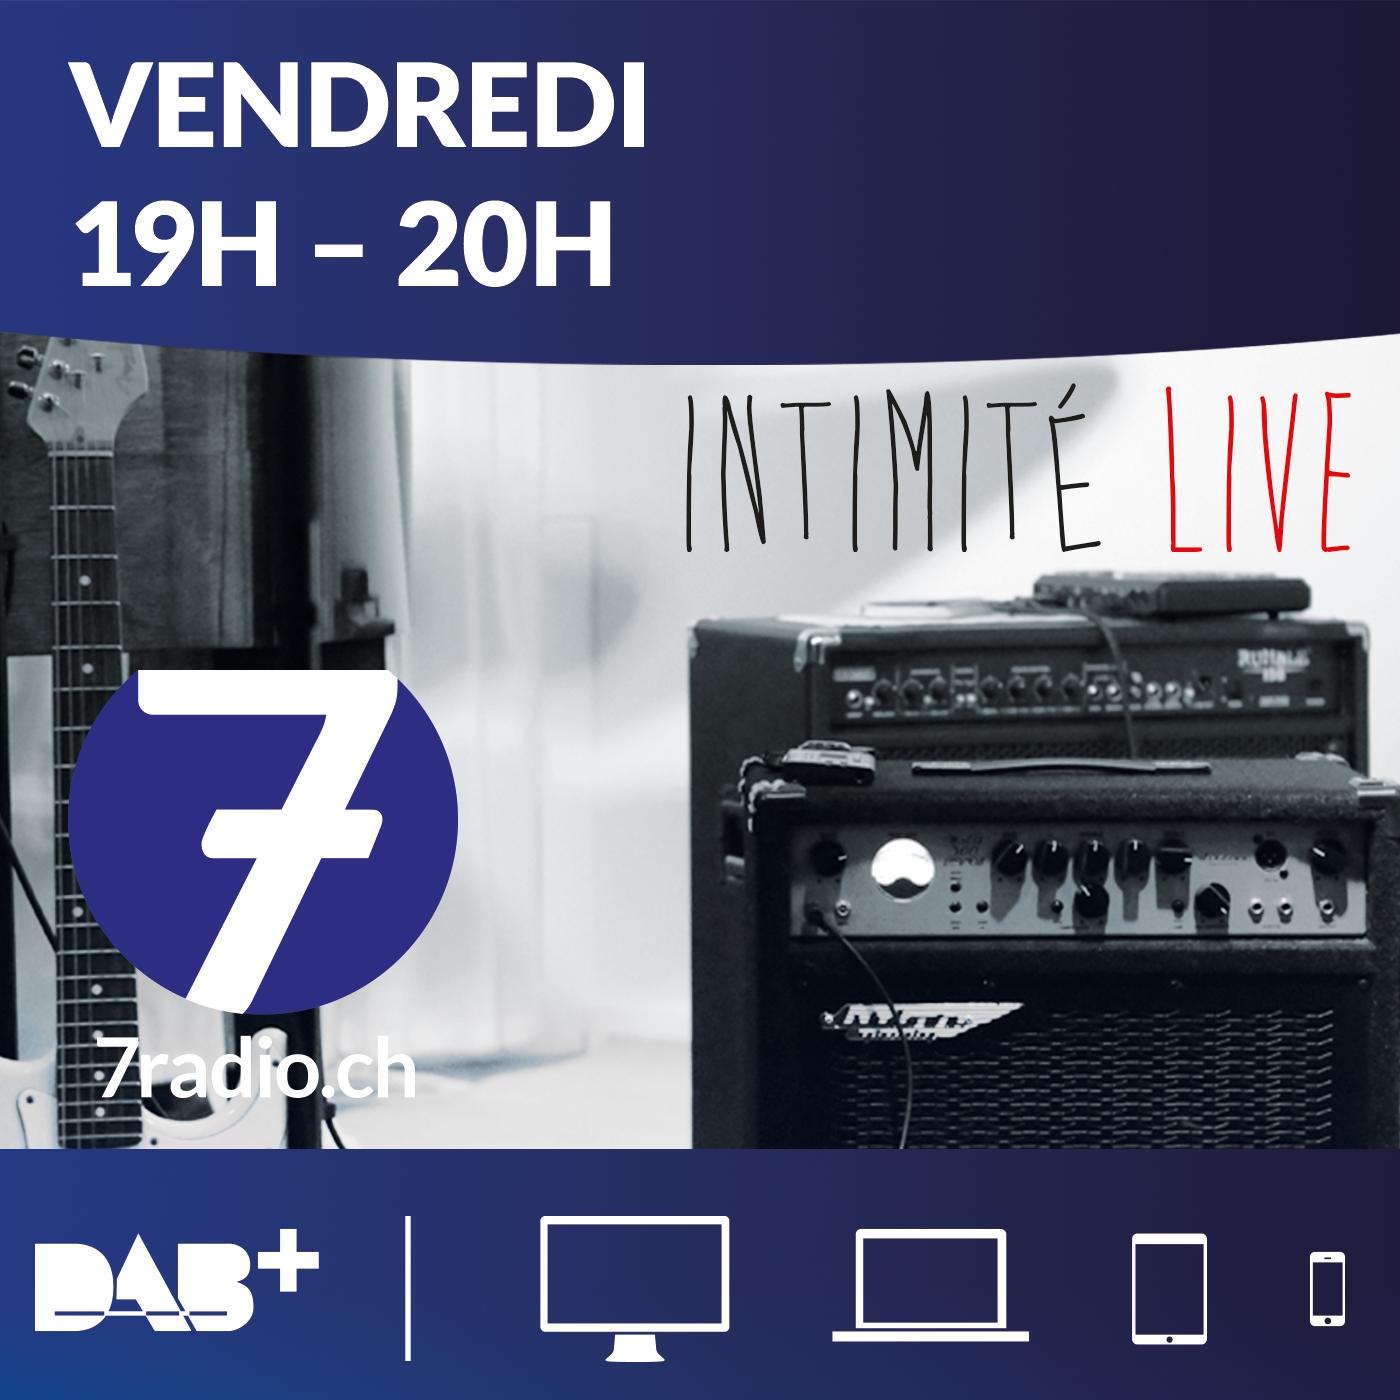 7radio| Intimité Live